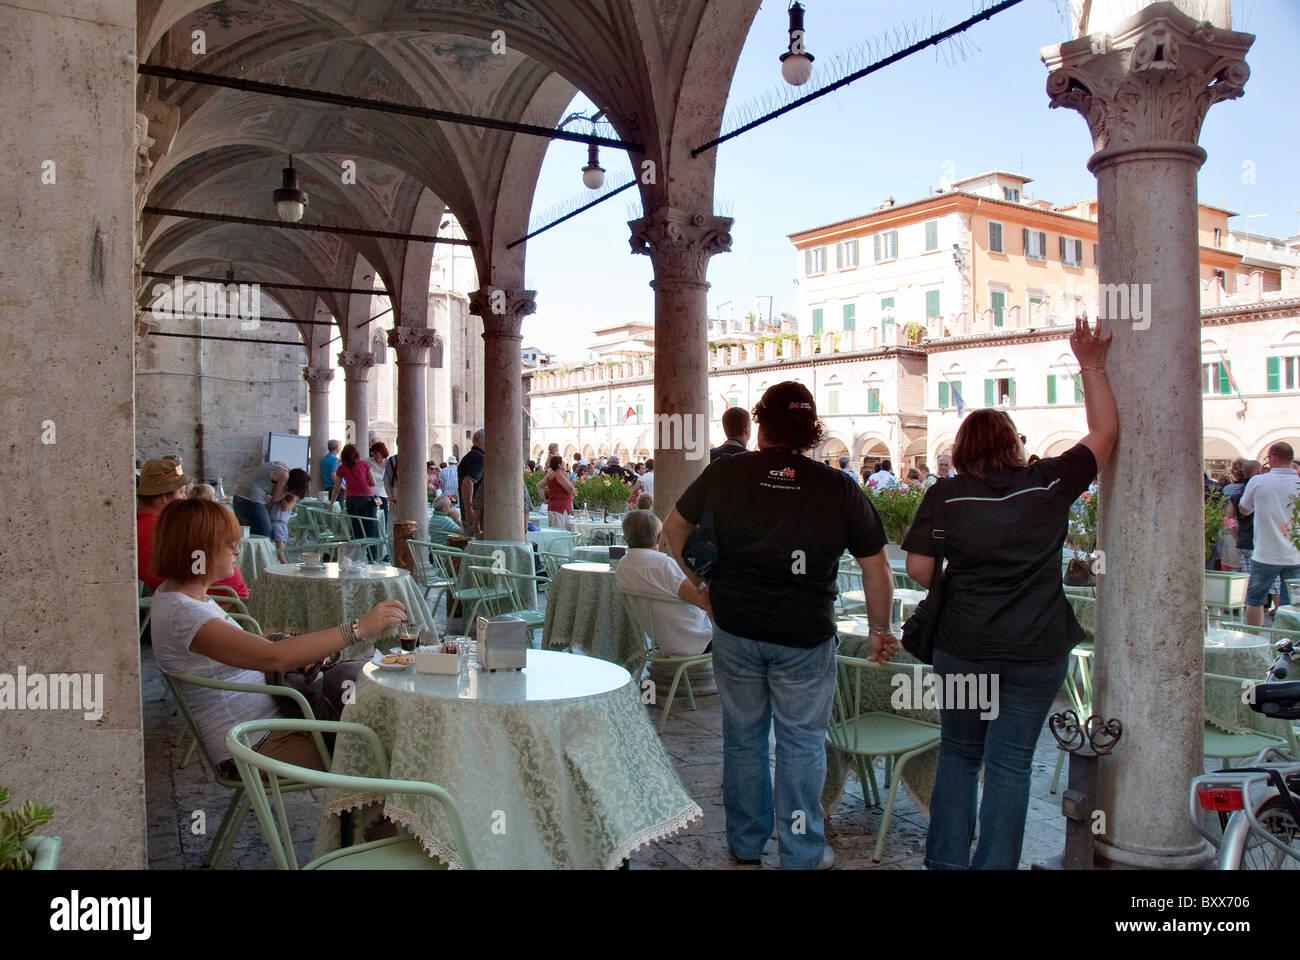 Spectators in the Caffe' Meletti watch the festival of the Quintana in Piazza del Popolo, Ascoli Piceno, Le - Stock Image